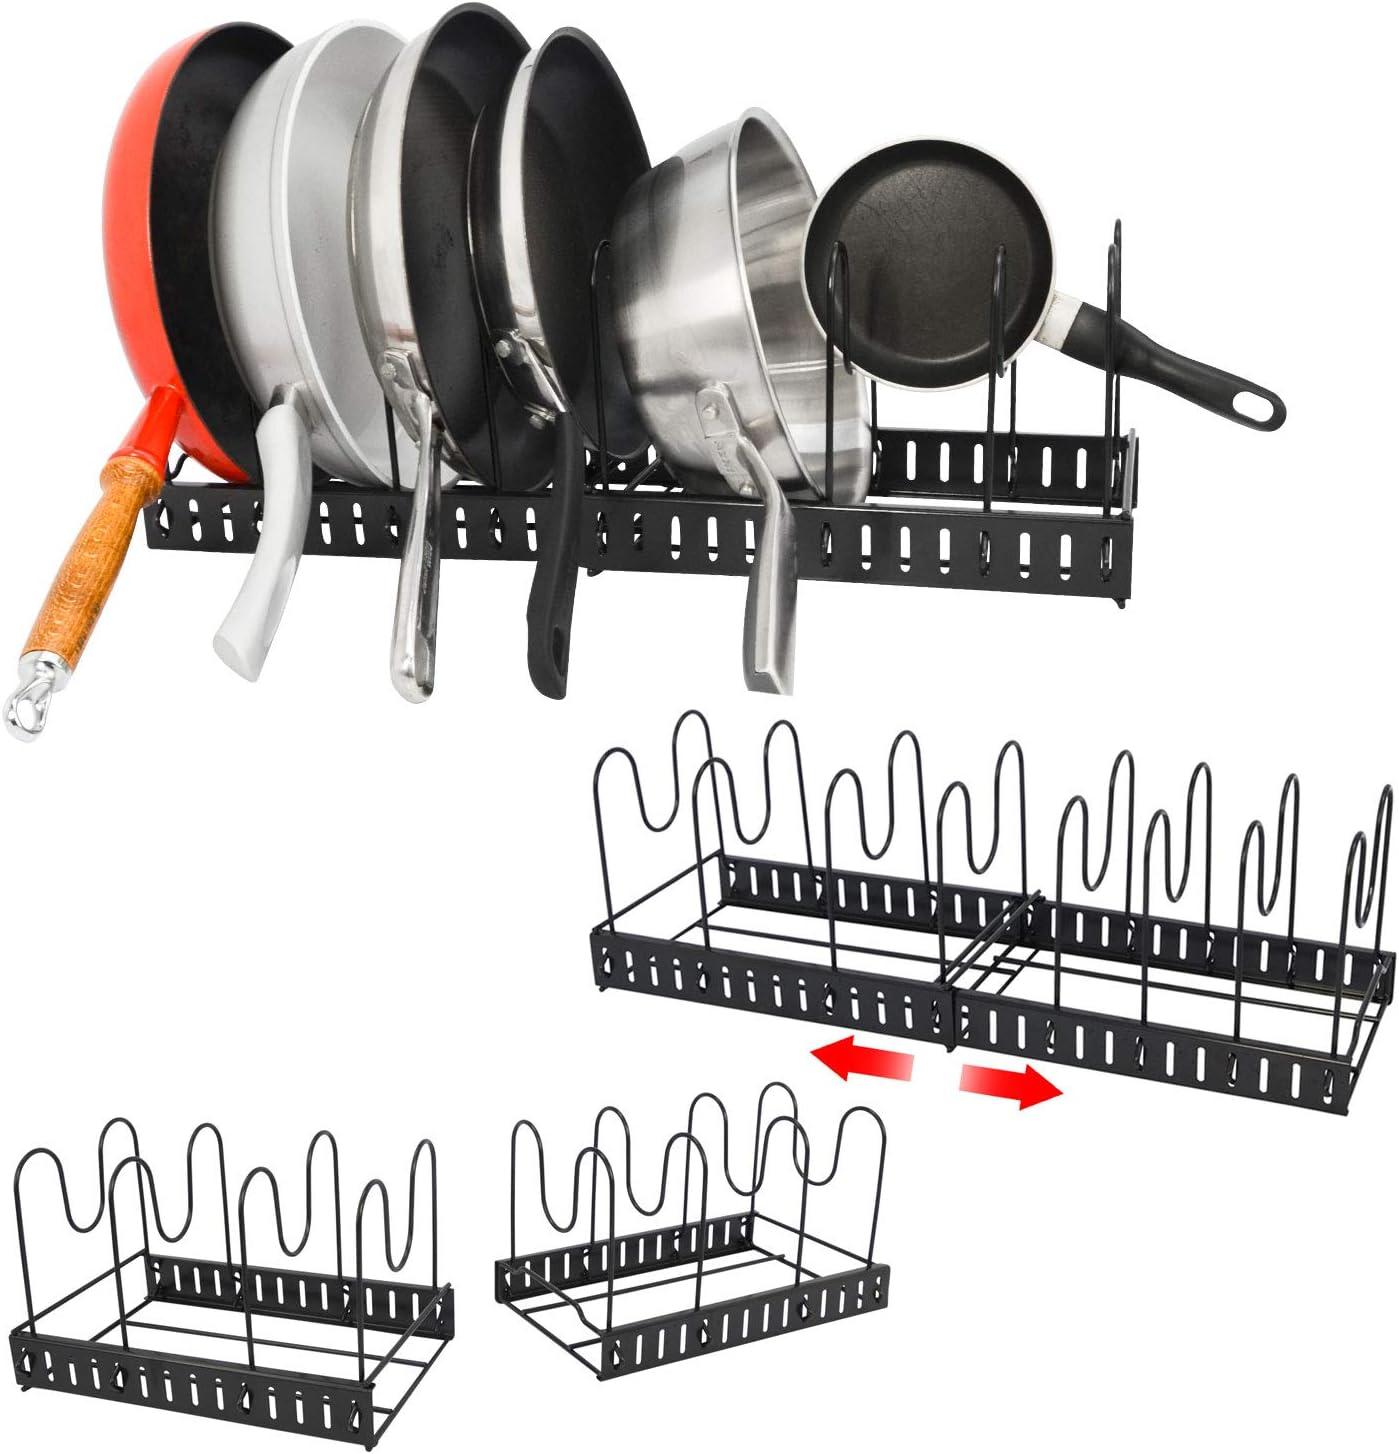 EYEPOWER Organizador de Cocina Telescópico 8 Estantes - Soporte Ollas Sartenes Tapas - Armario Cajón